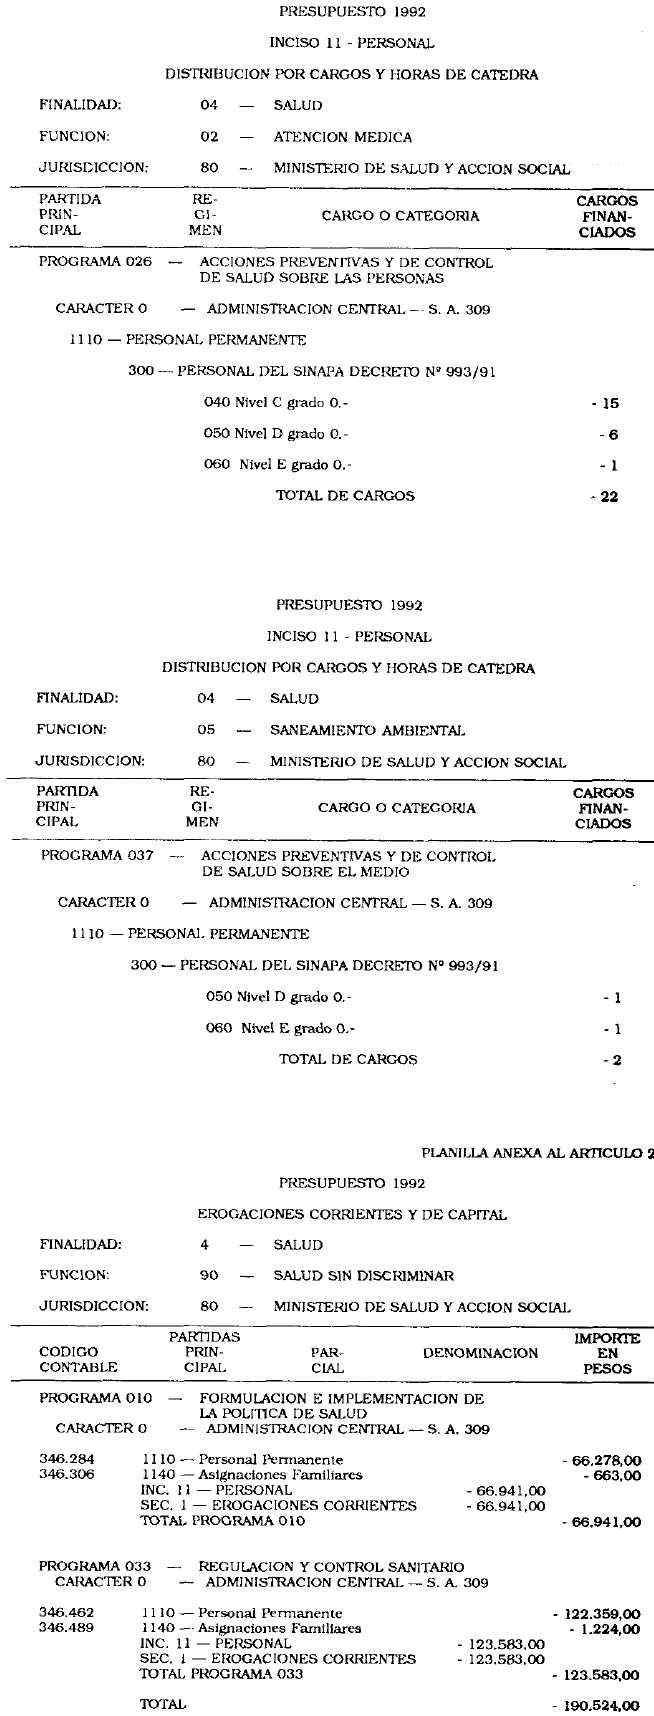 dto1426-13-08-1992-5.jpg